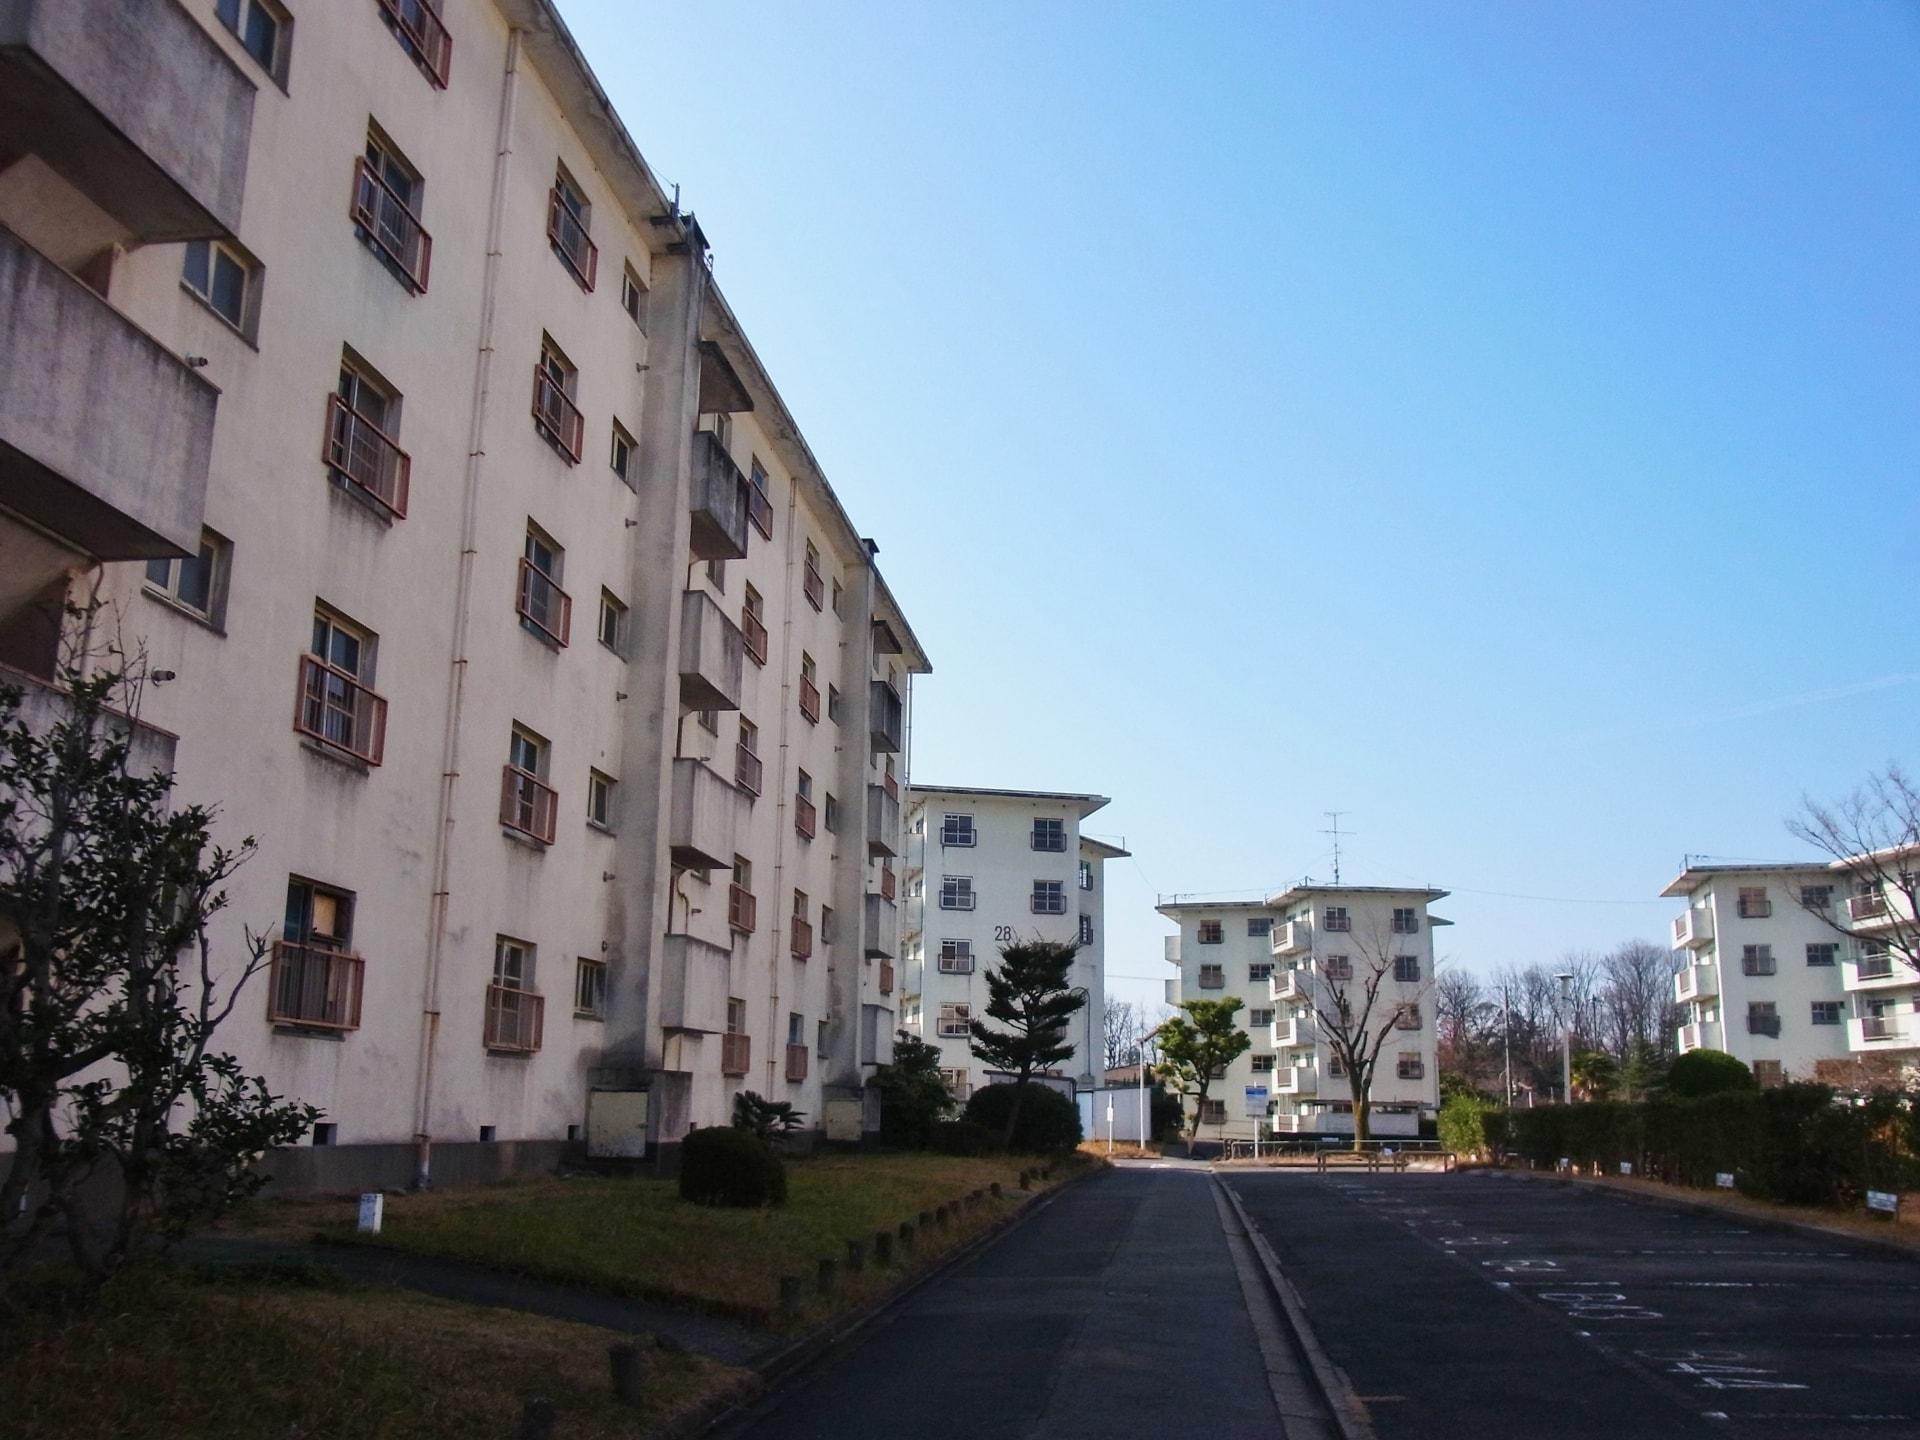 マンション管理組合で、マンション内の空き家増加は防げるか?